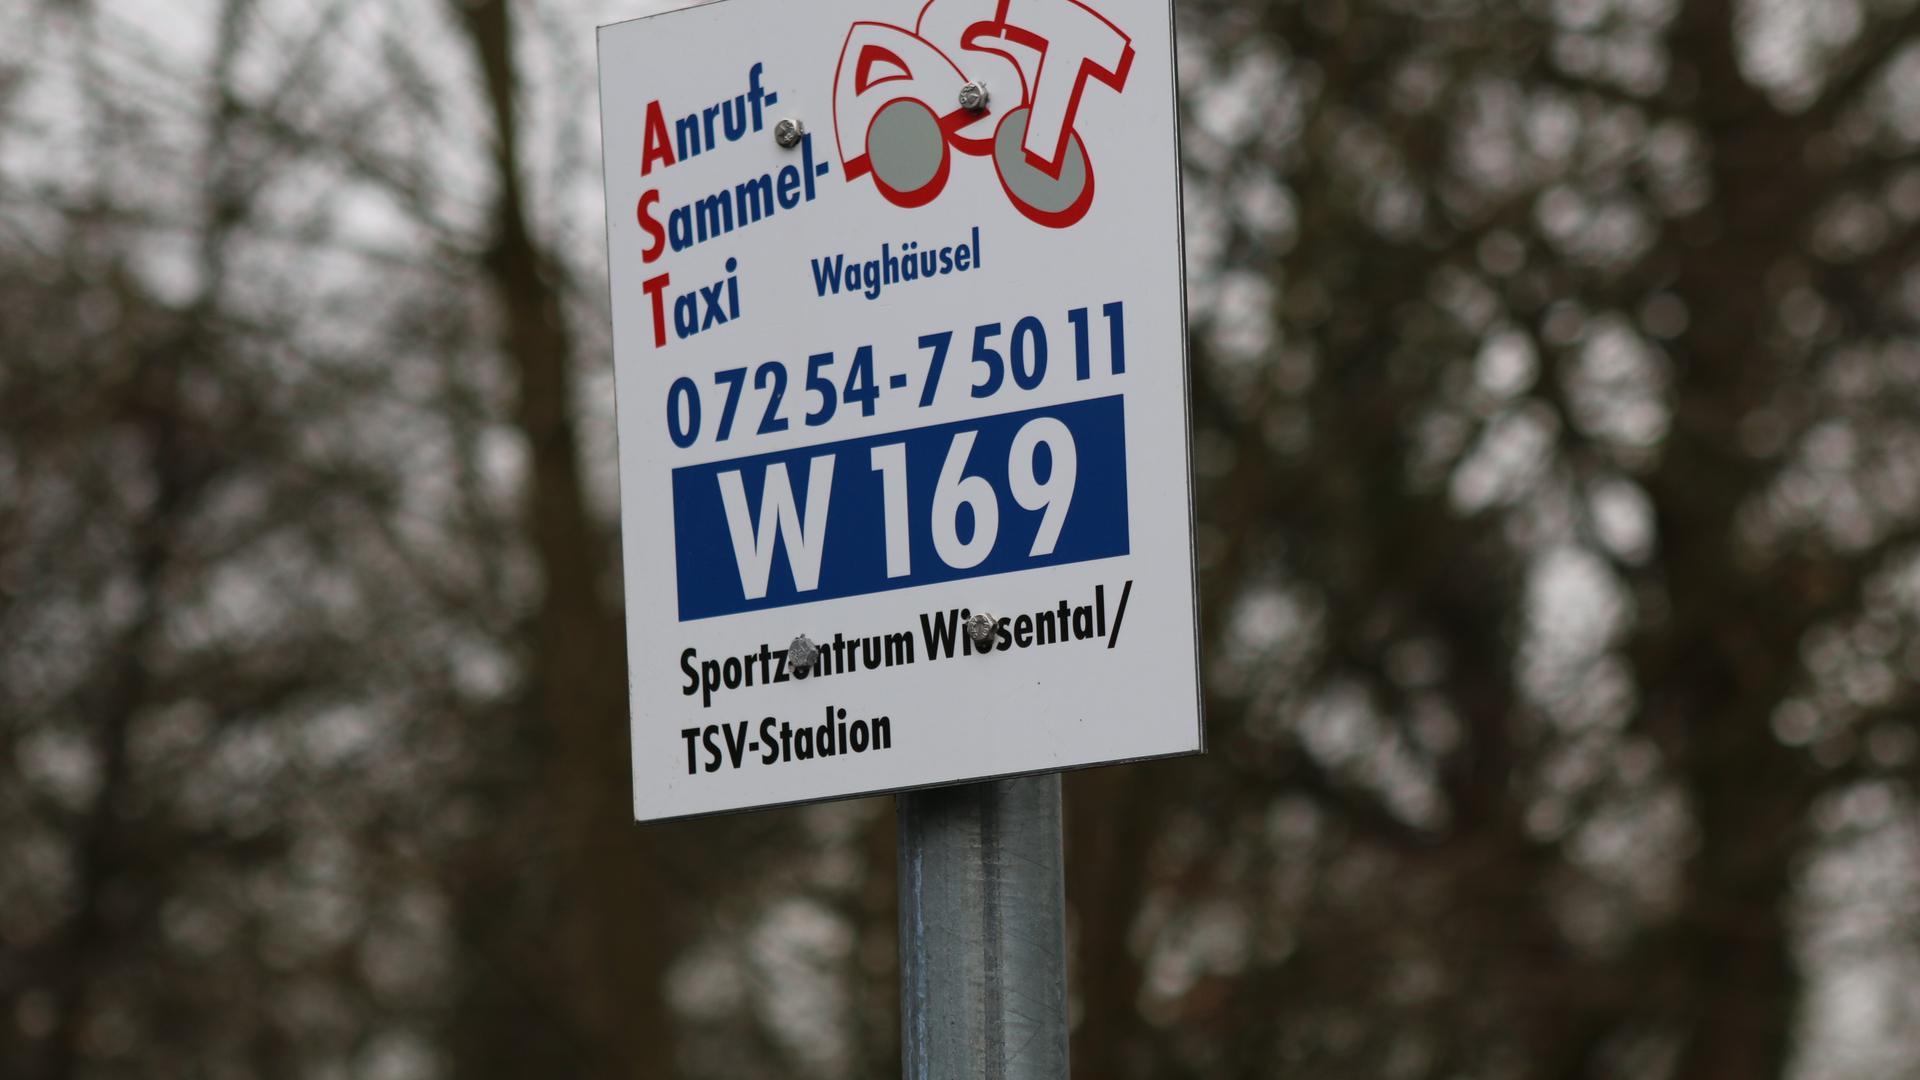 Günstig und sicher sind die Fahrten mit dem Anruf-Sammel-Taxi, wobei es allein in Waghäusel 49 Abfahrtshaltestellen gibt.